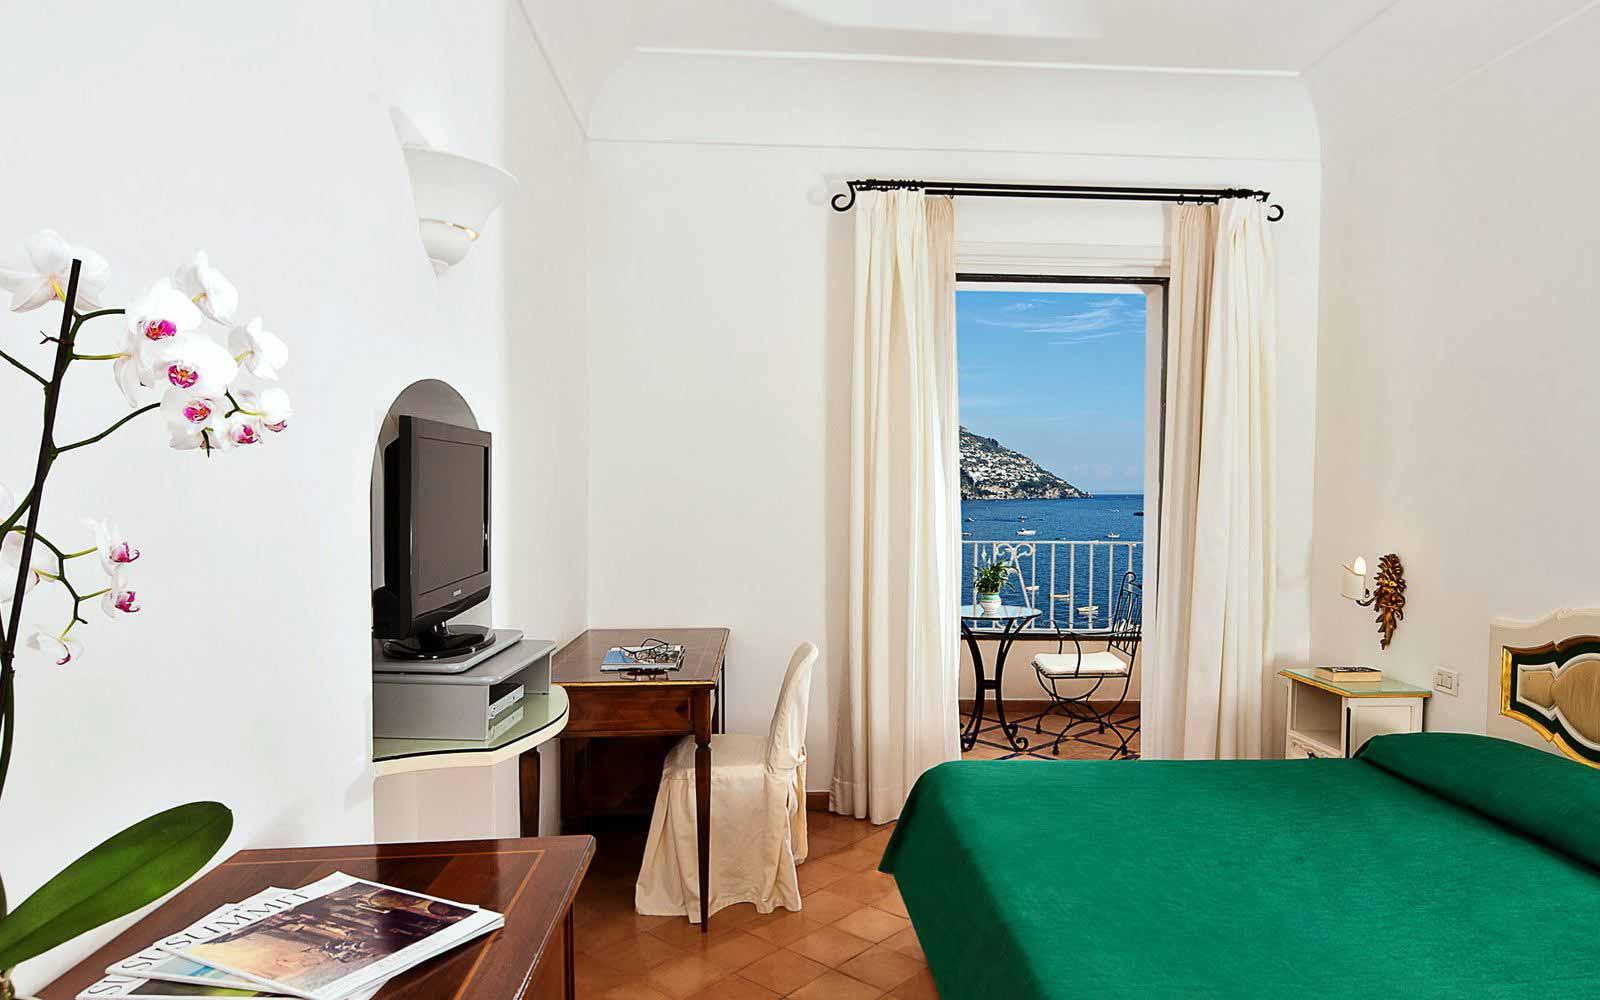 Classic Room at Covo Dei Saraceni